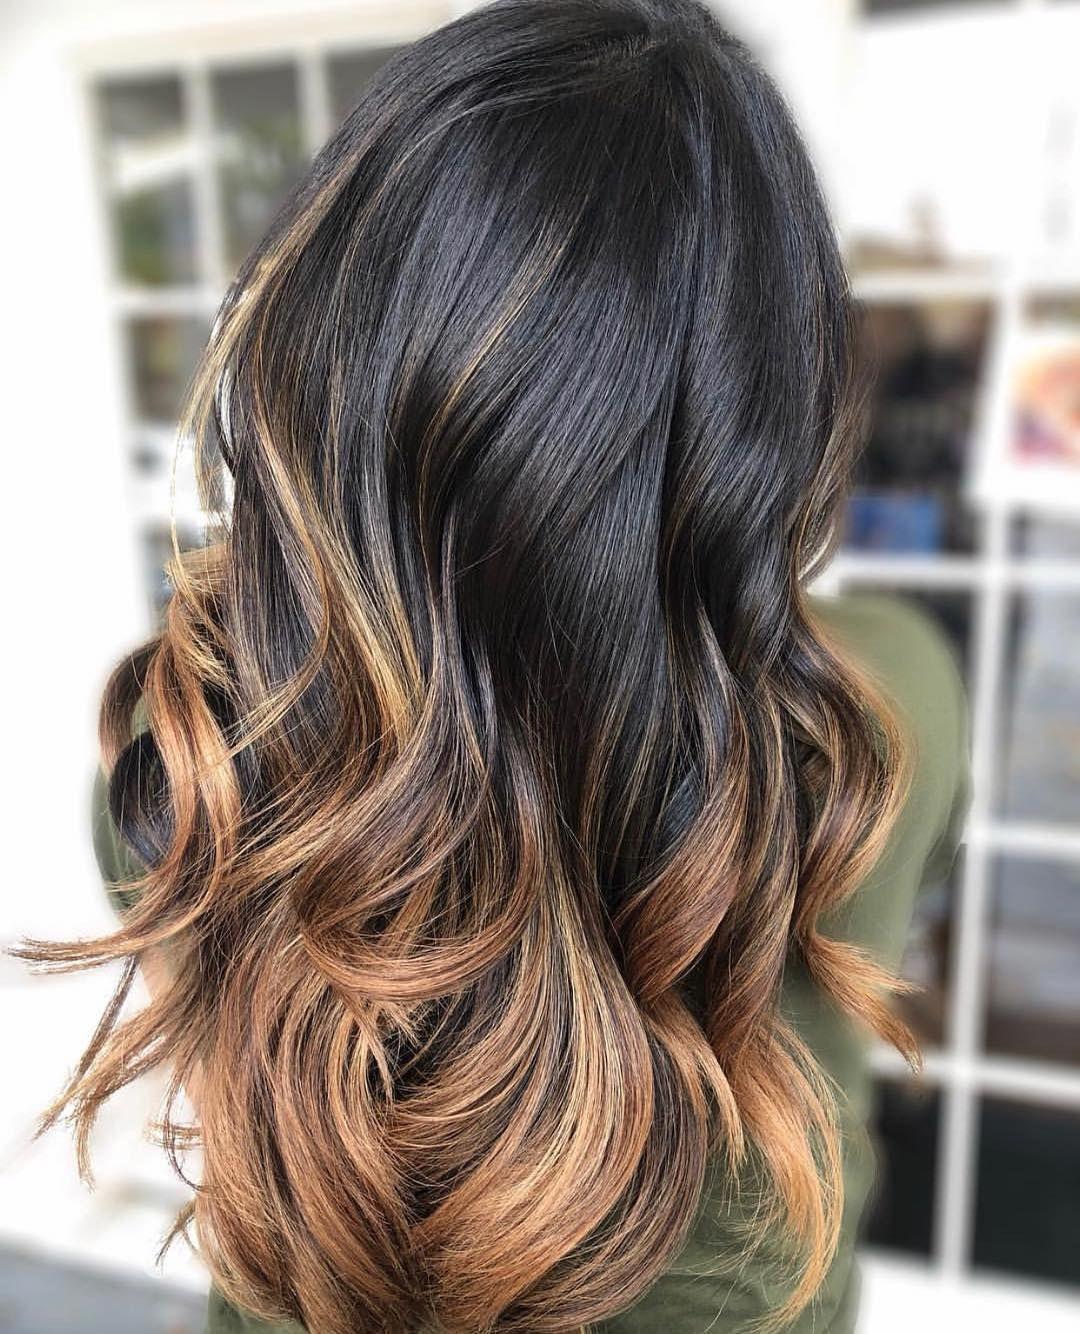 How to make Immediate Wavy Hair